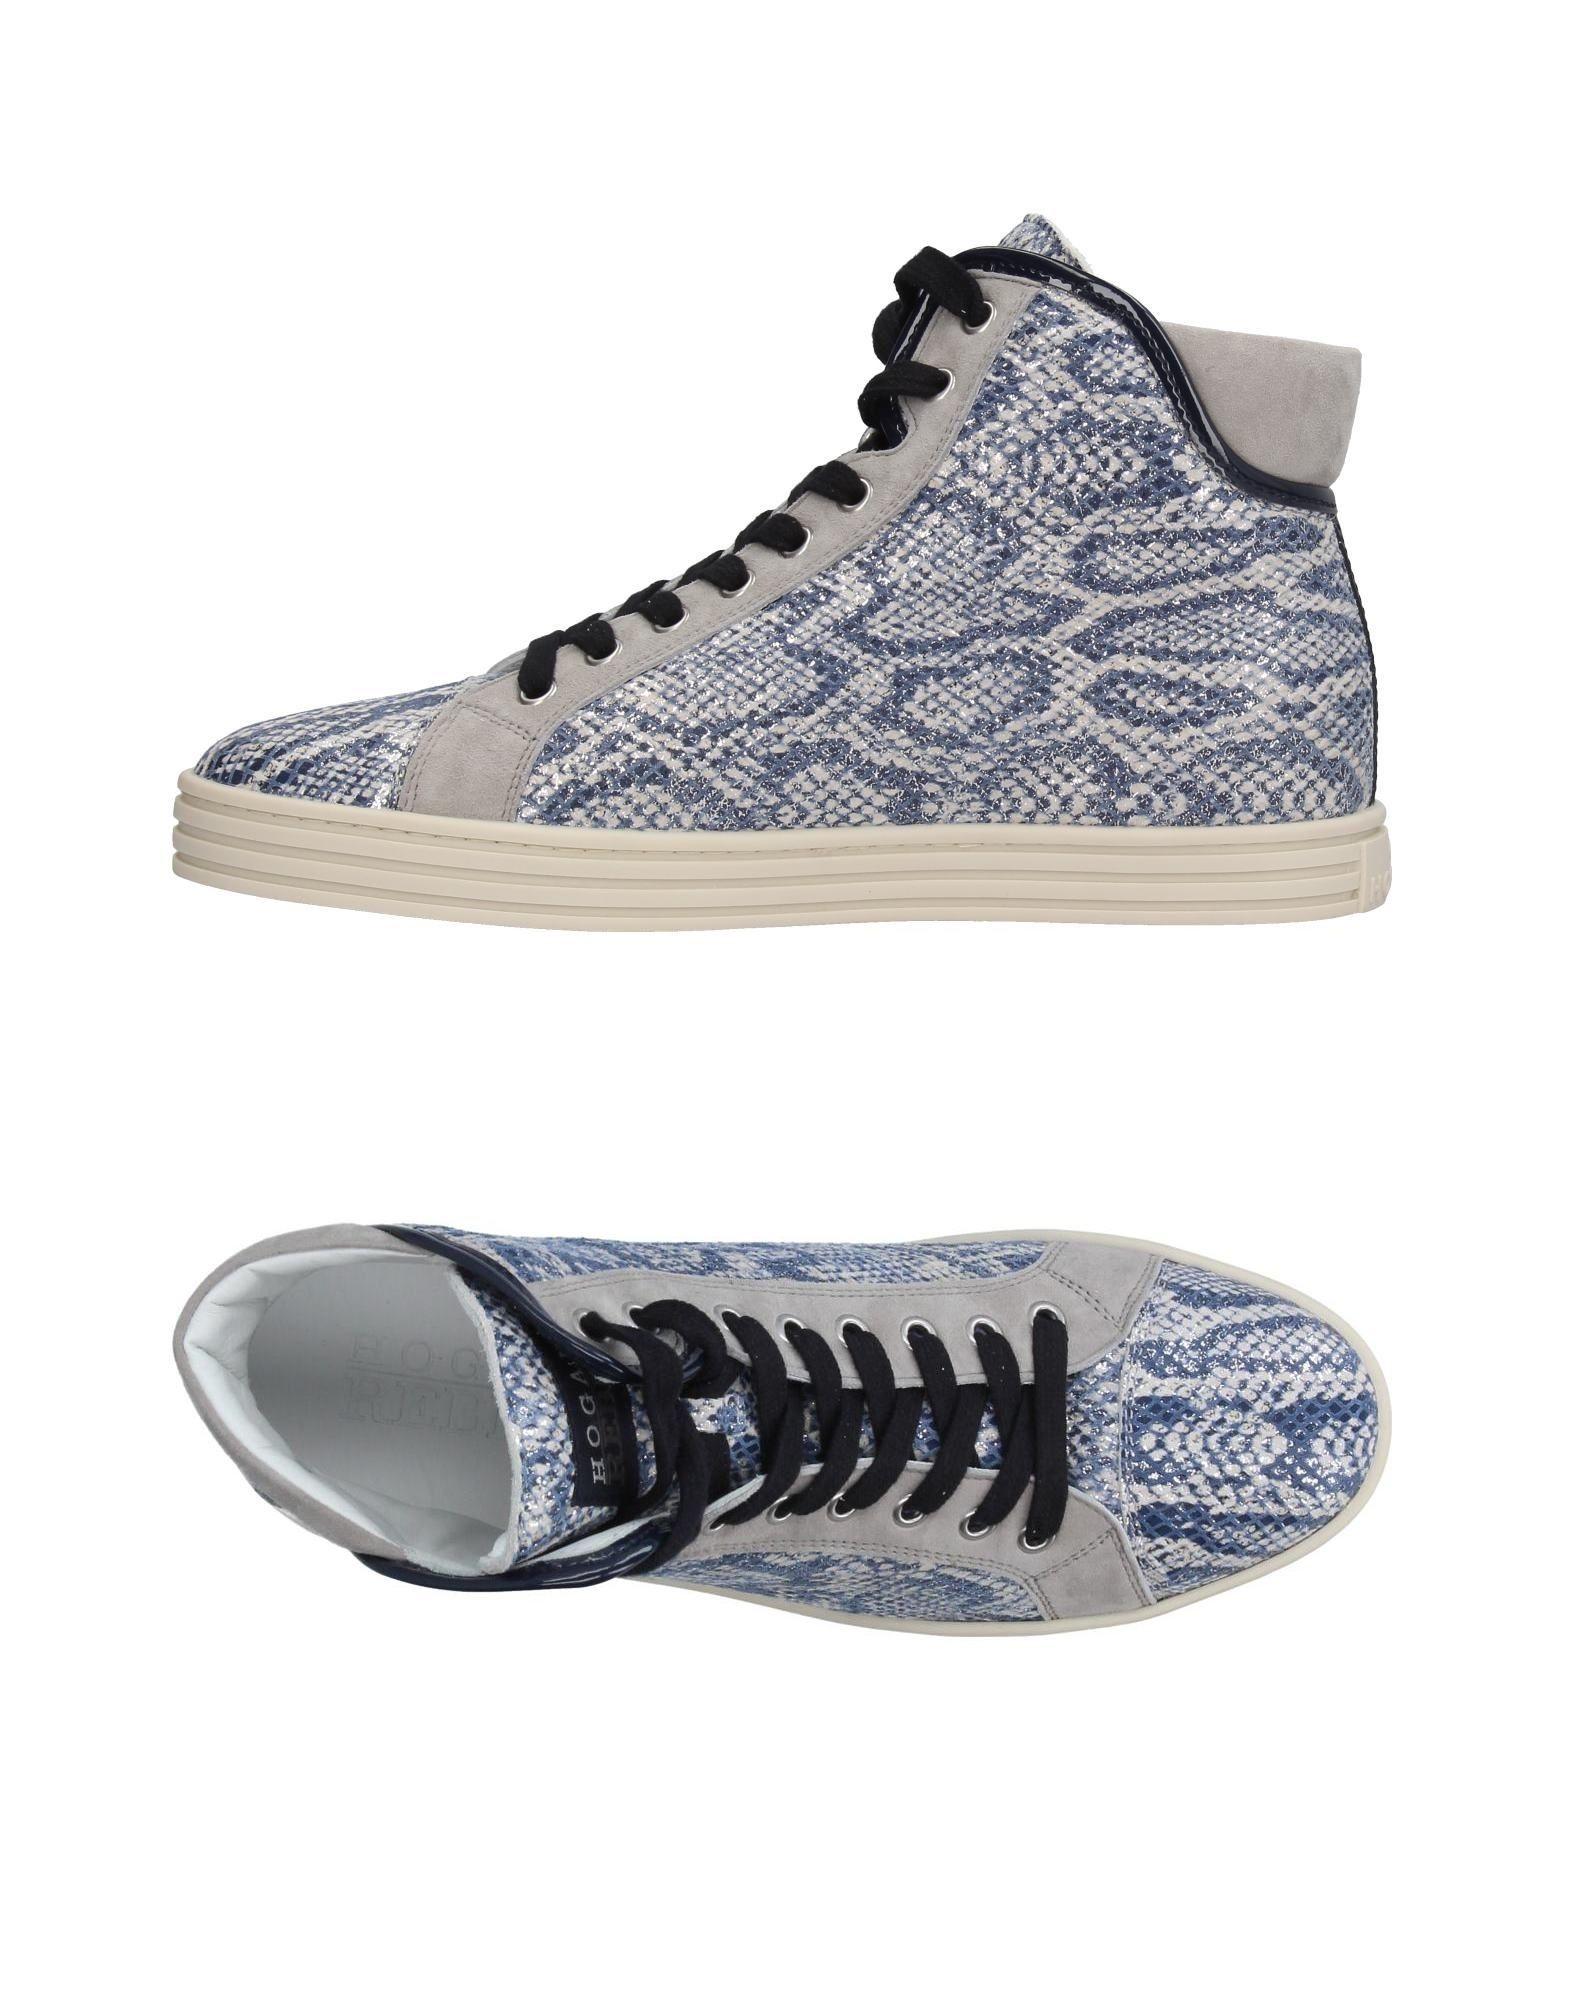 Nuevos zapatos para hombres y mujeres, descuento por tiempo Mujer limitado Zapatillas Hogan Rebel Mujer tiempo - Zapatillas Hogan Rebel  Azul marino 285d3a